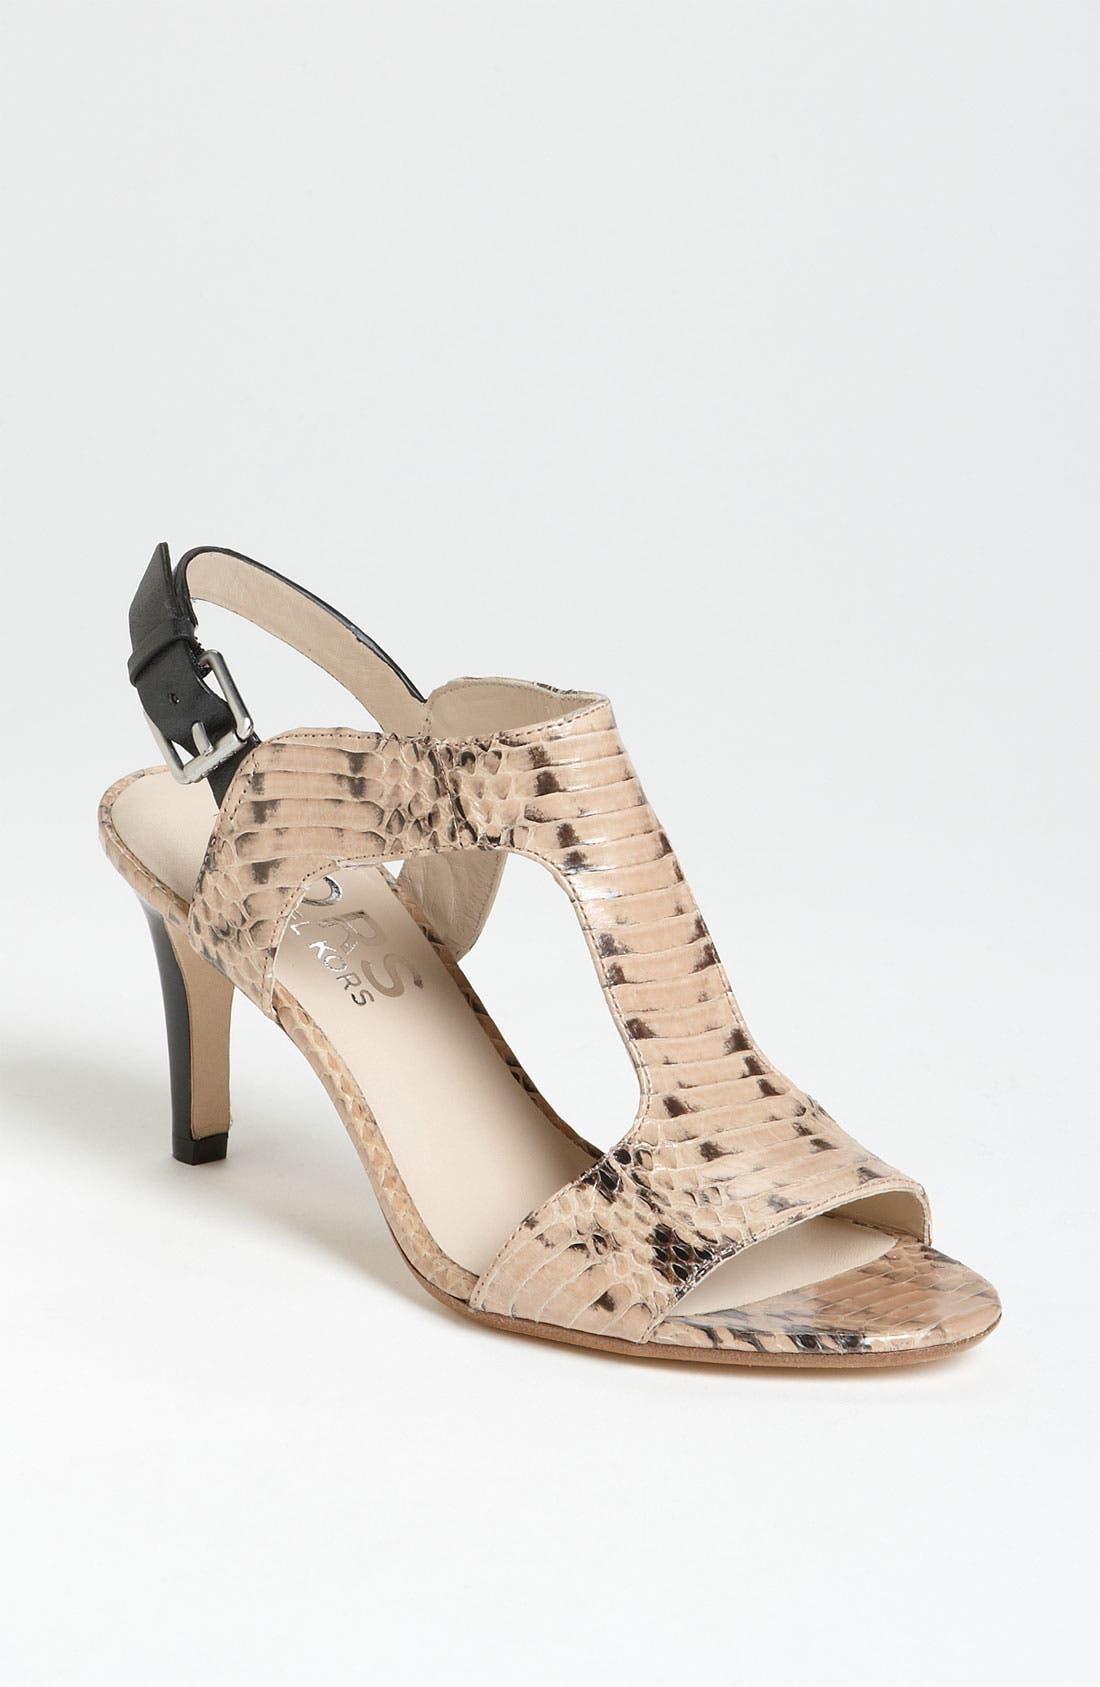 Main Image - KORS Michael Kors 'Xyla' Sandal